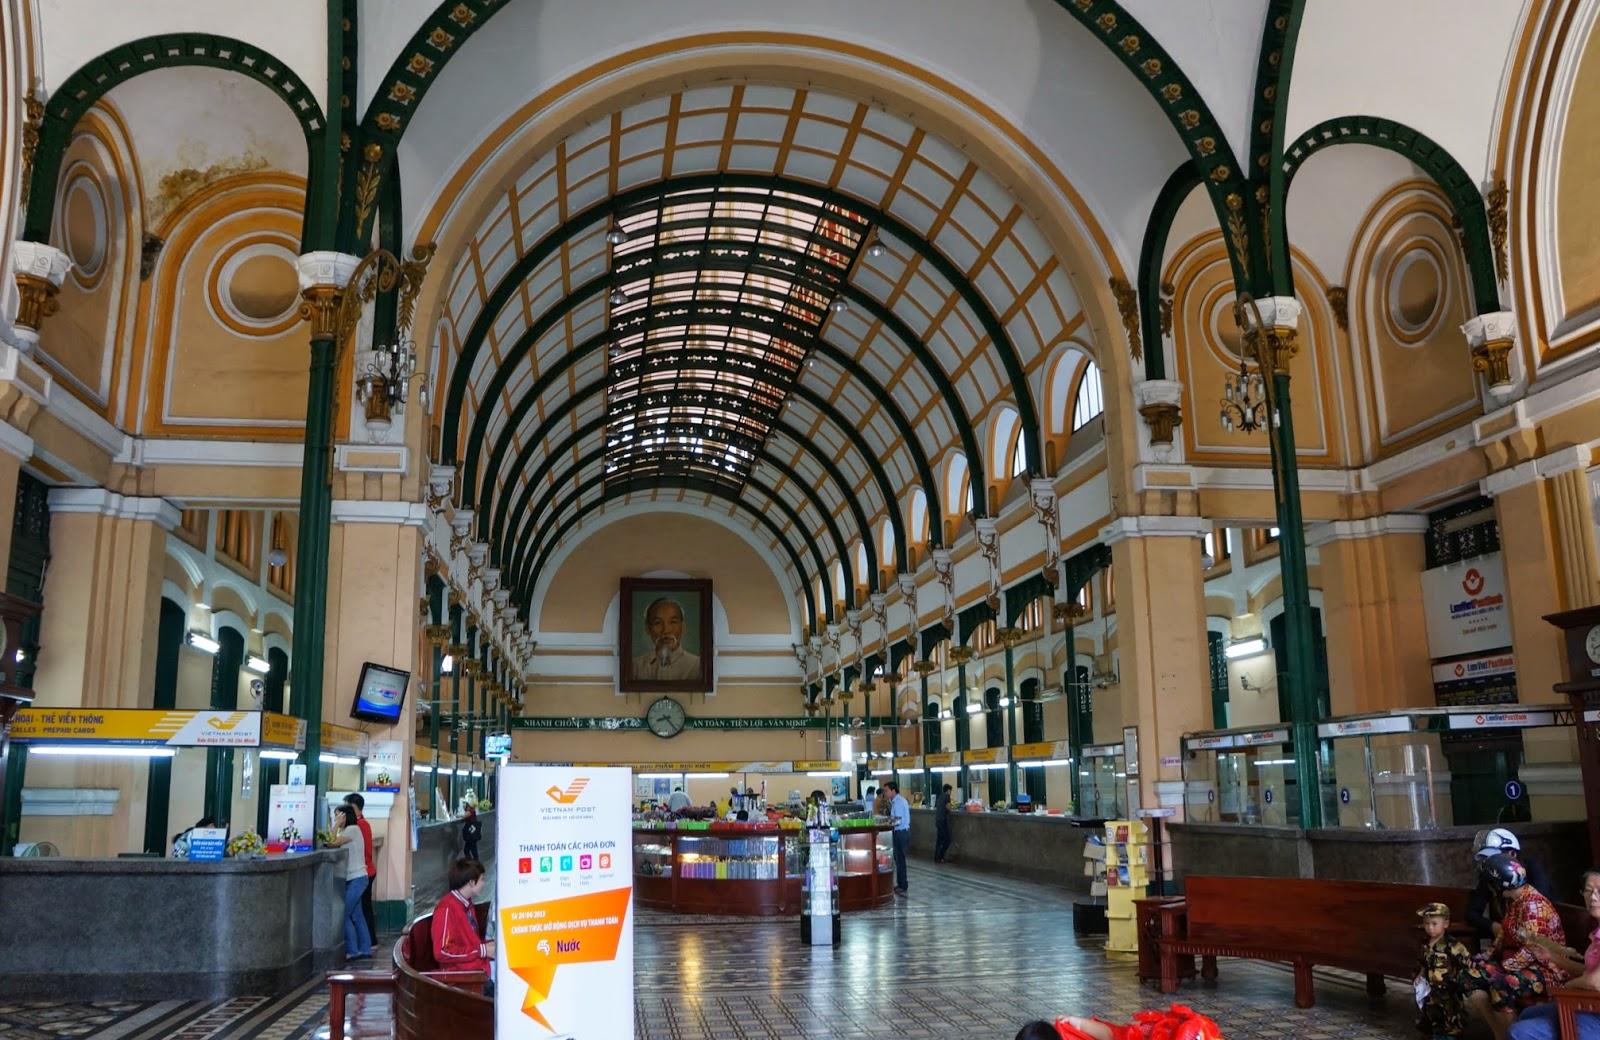 Saigon Central Post Office interior